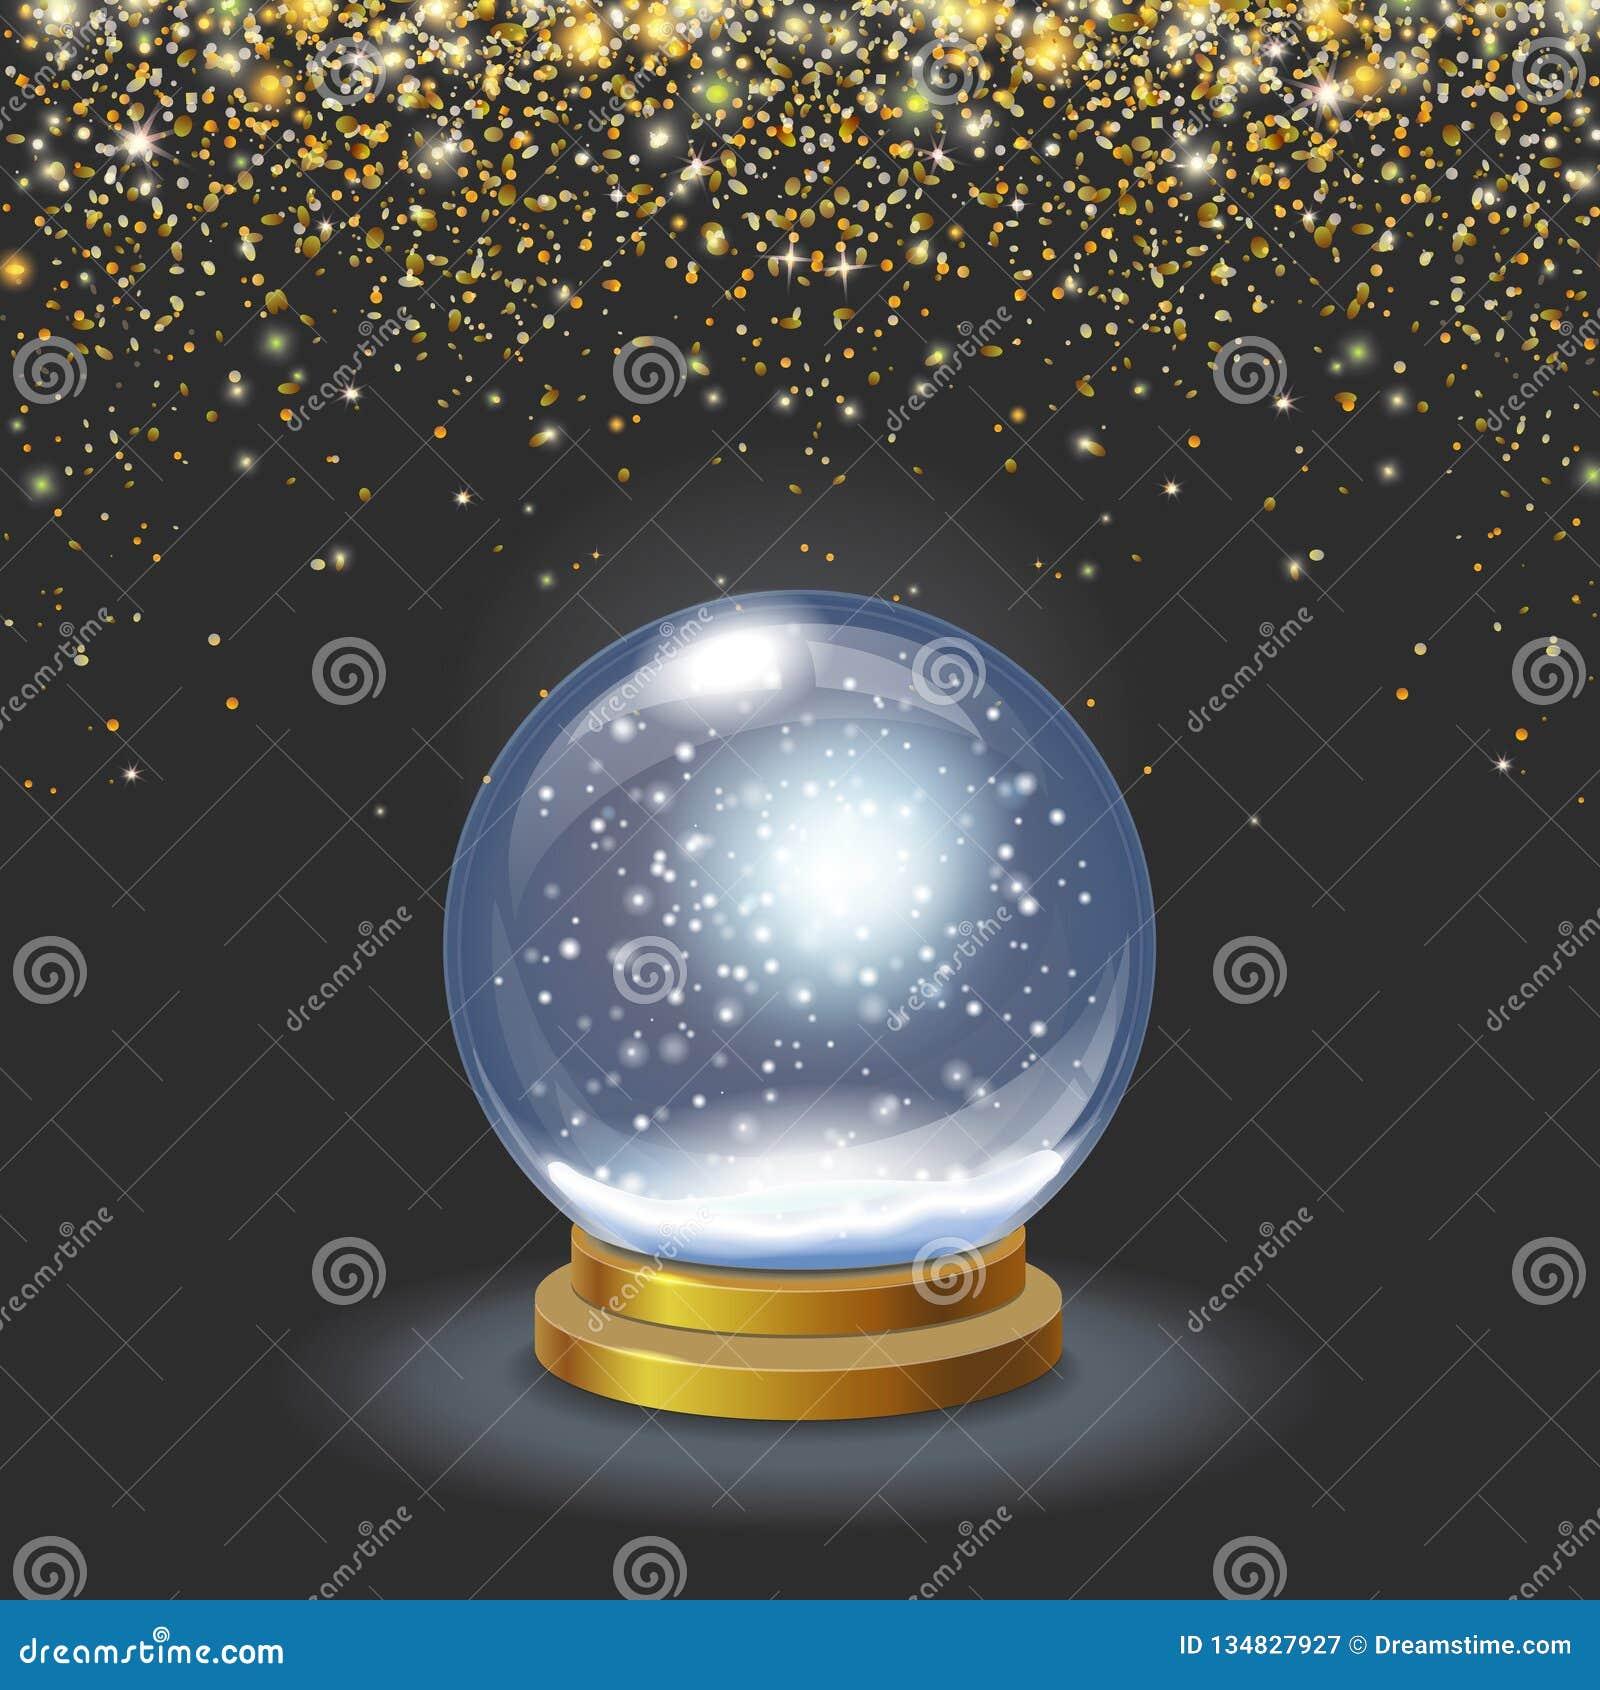 Globo da neve do Natal na ilustração de brilho de queda do vetor 3d dos confetes do ouro do fundo preto